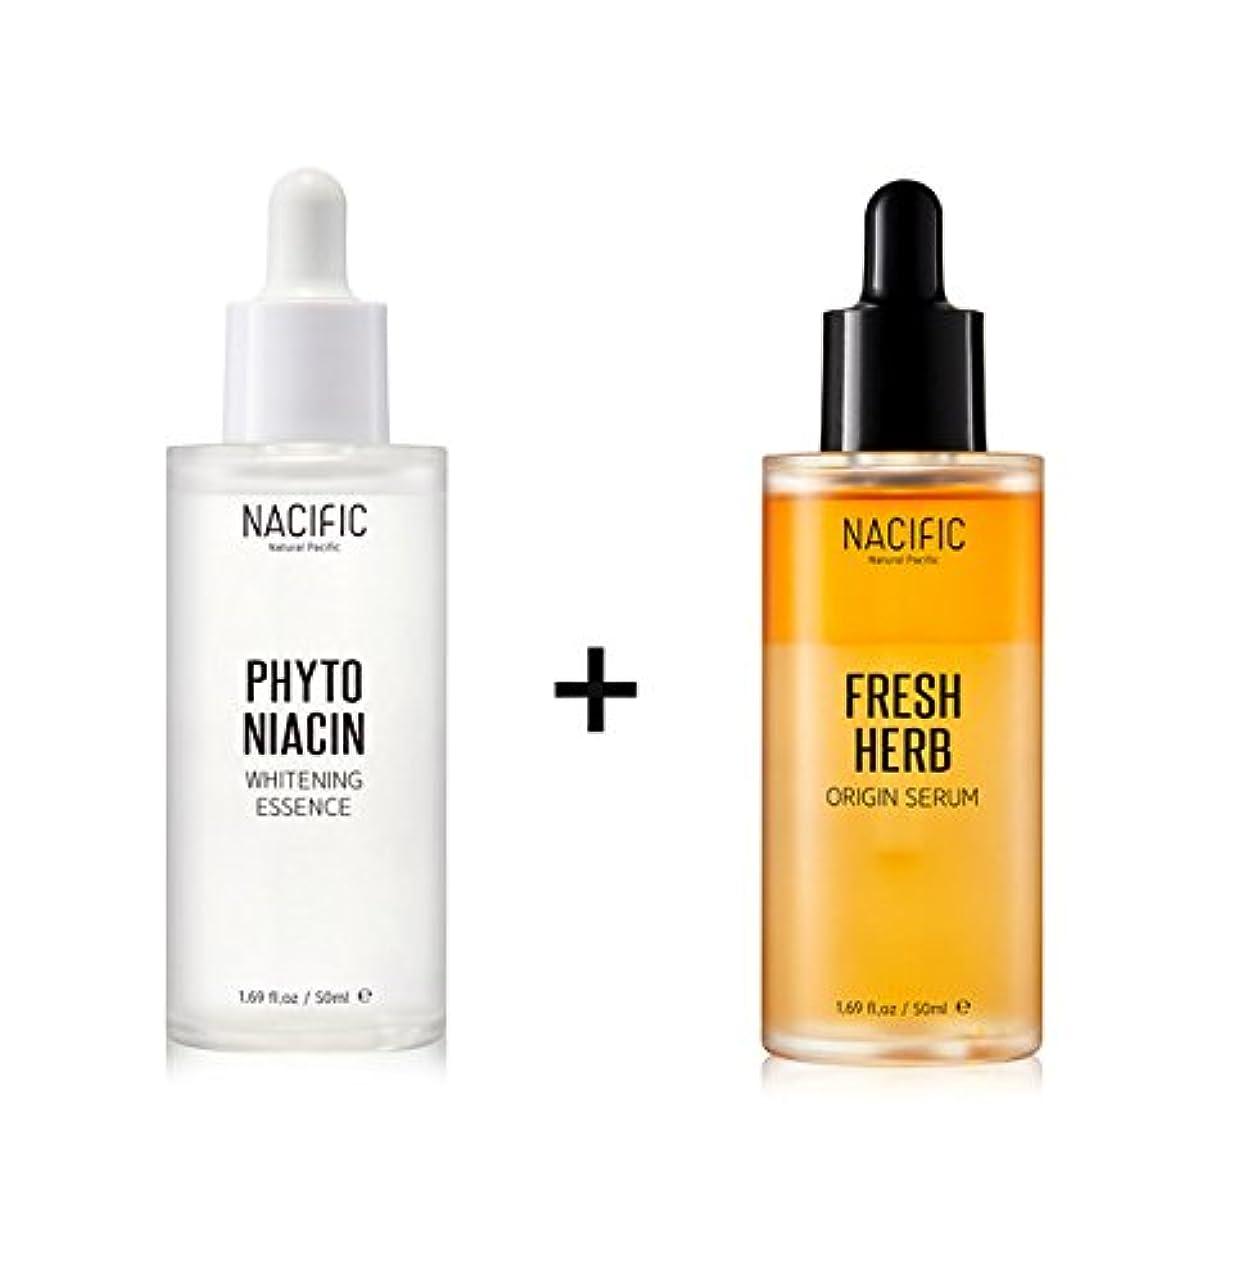 透過性中世の付属品[Renewal] NACIFIC Fresh Herb Origin Serum 50ml + Phyto Niacin Whitening Essence 50ml/ナシフィック フレッシュ ハーブ オリジン セラム...